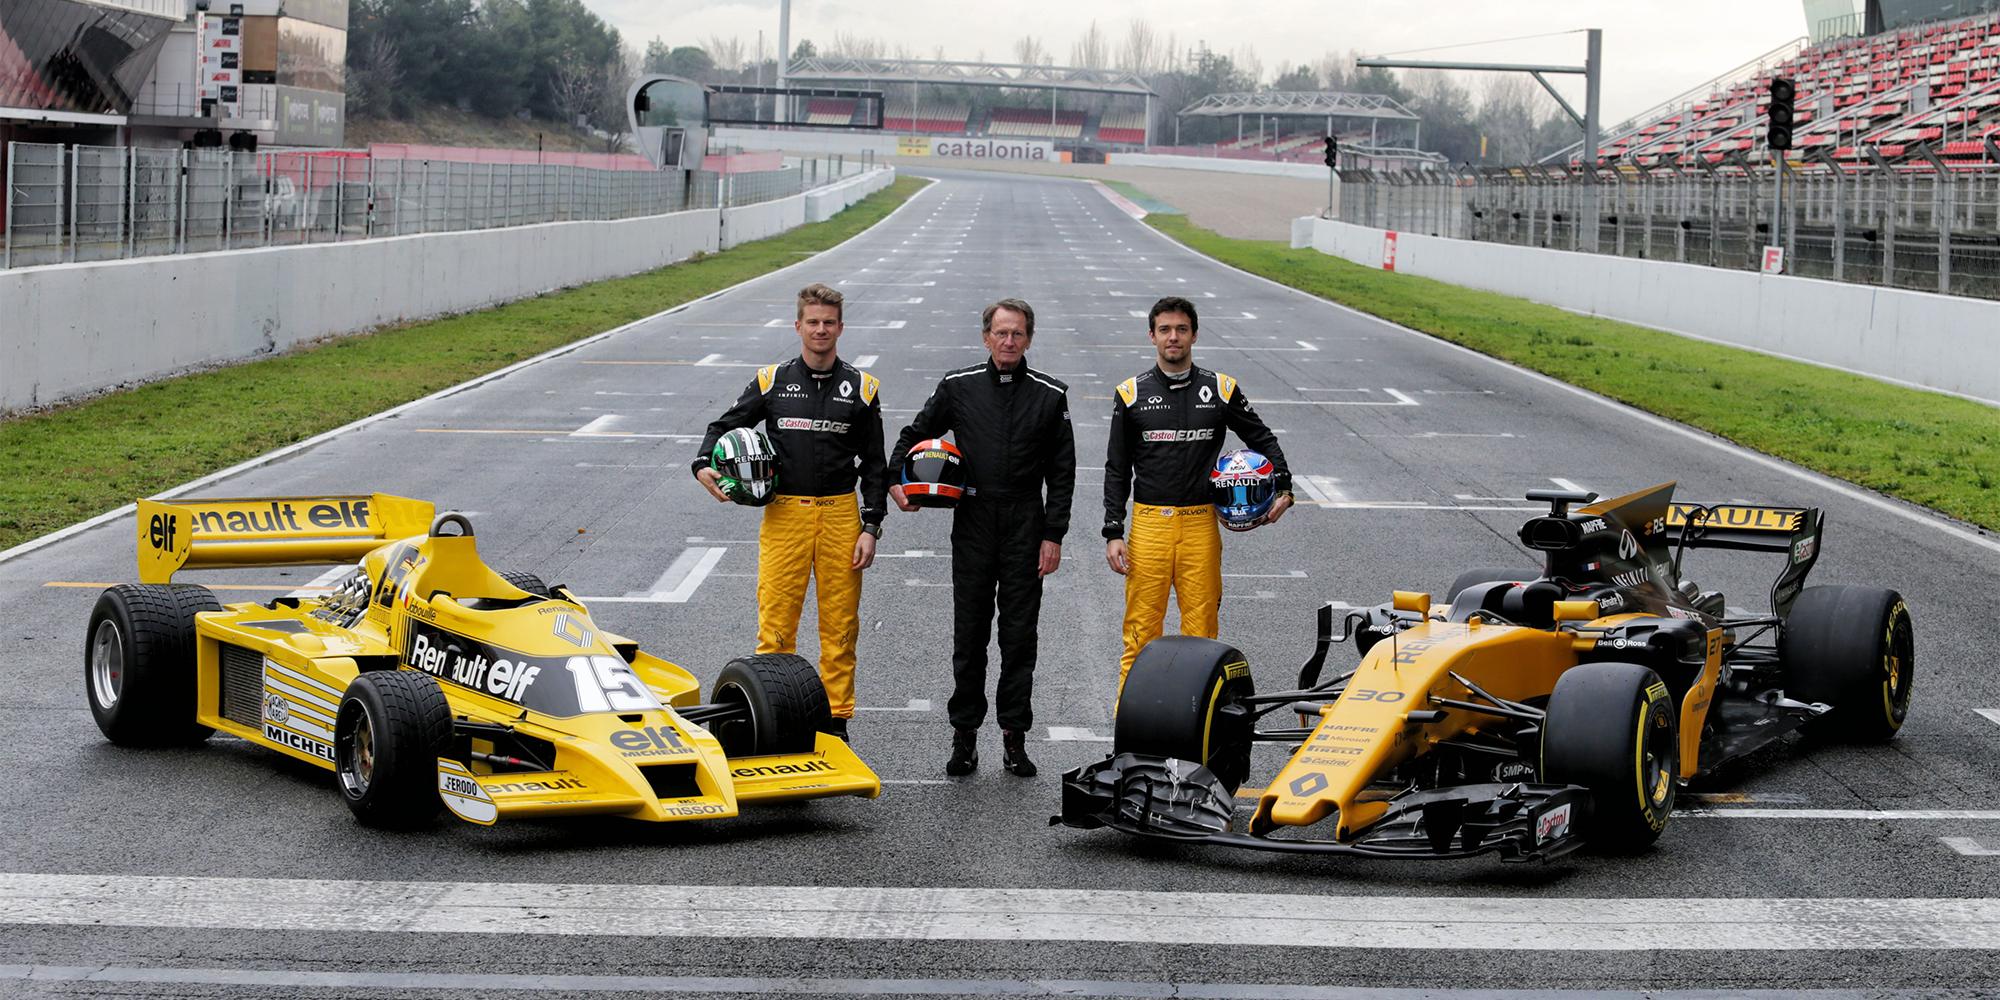 Vollgas-Historie: 40 Jahre Renault in der Formel 1